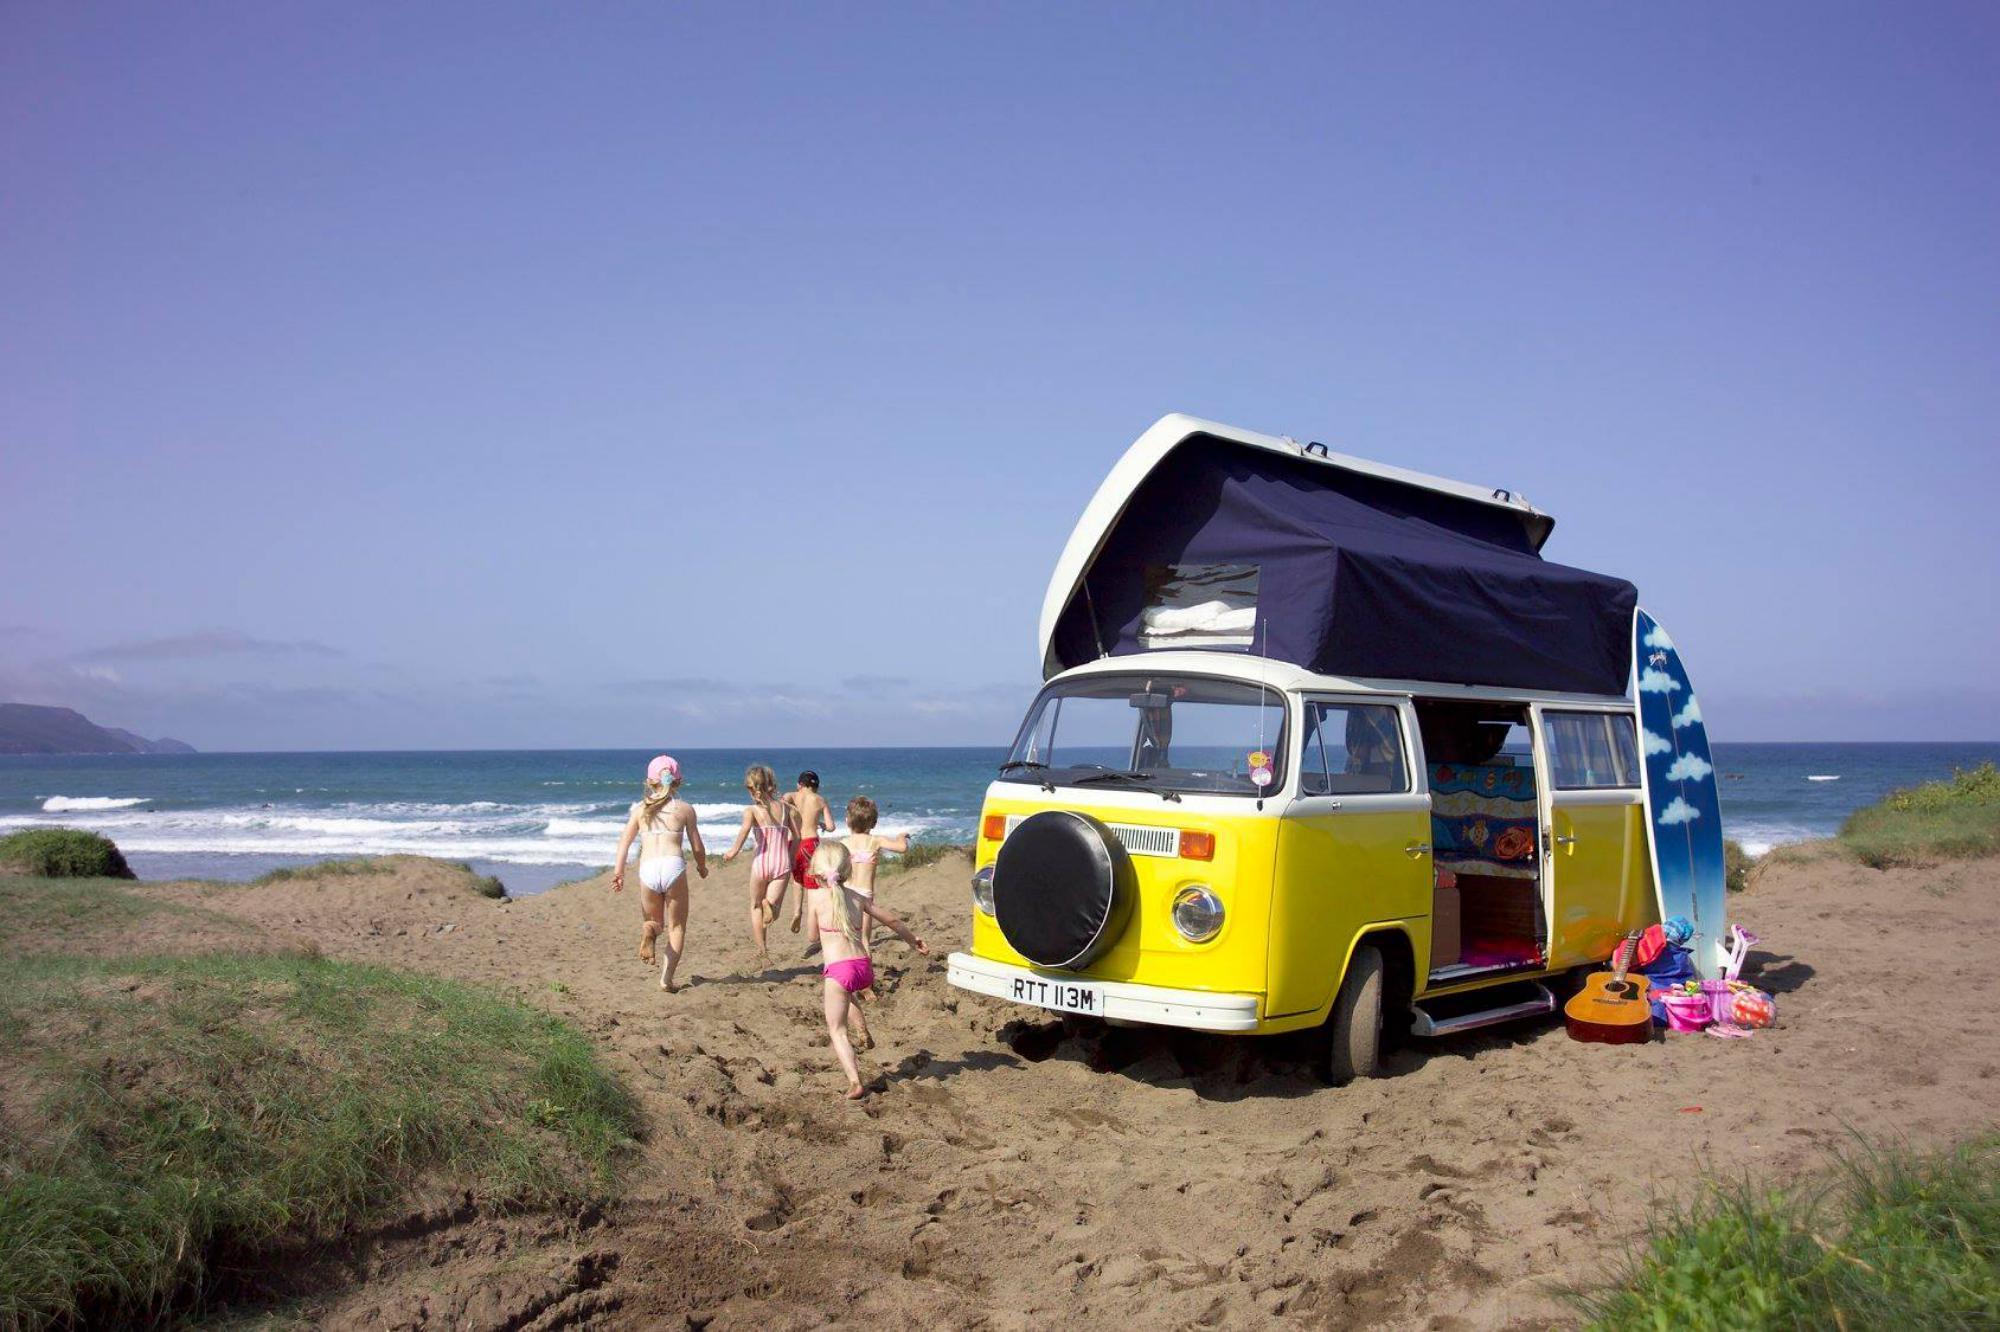 Campervan Hire in Cornwall | Campervan Rental Companies in Cornwall